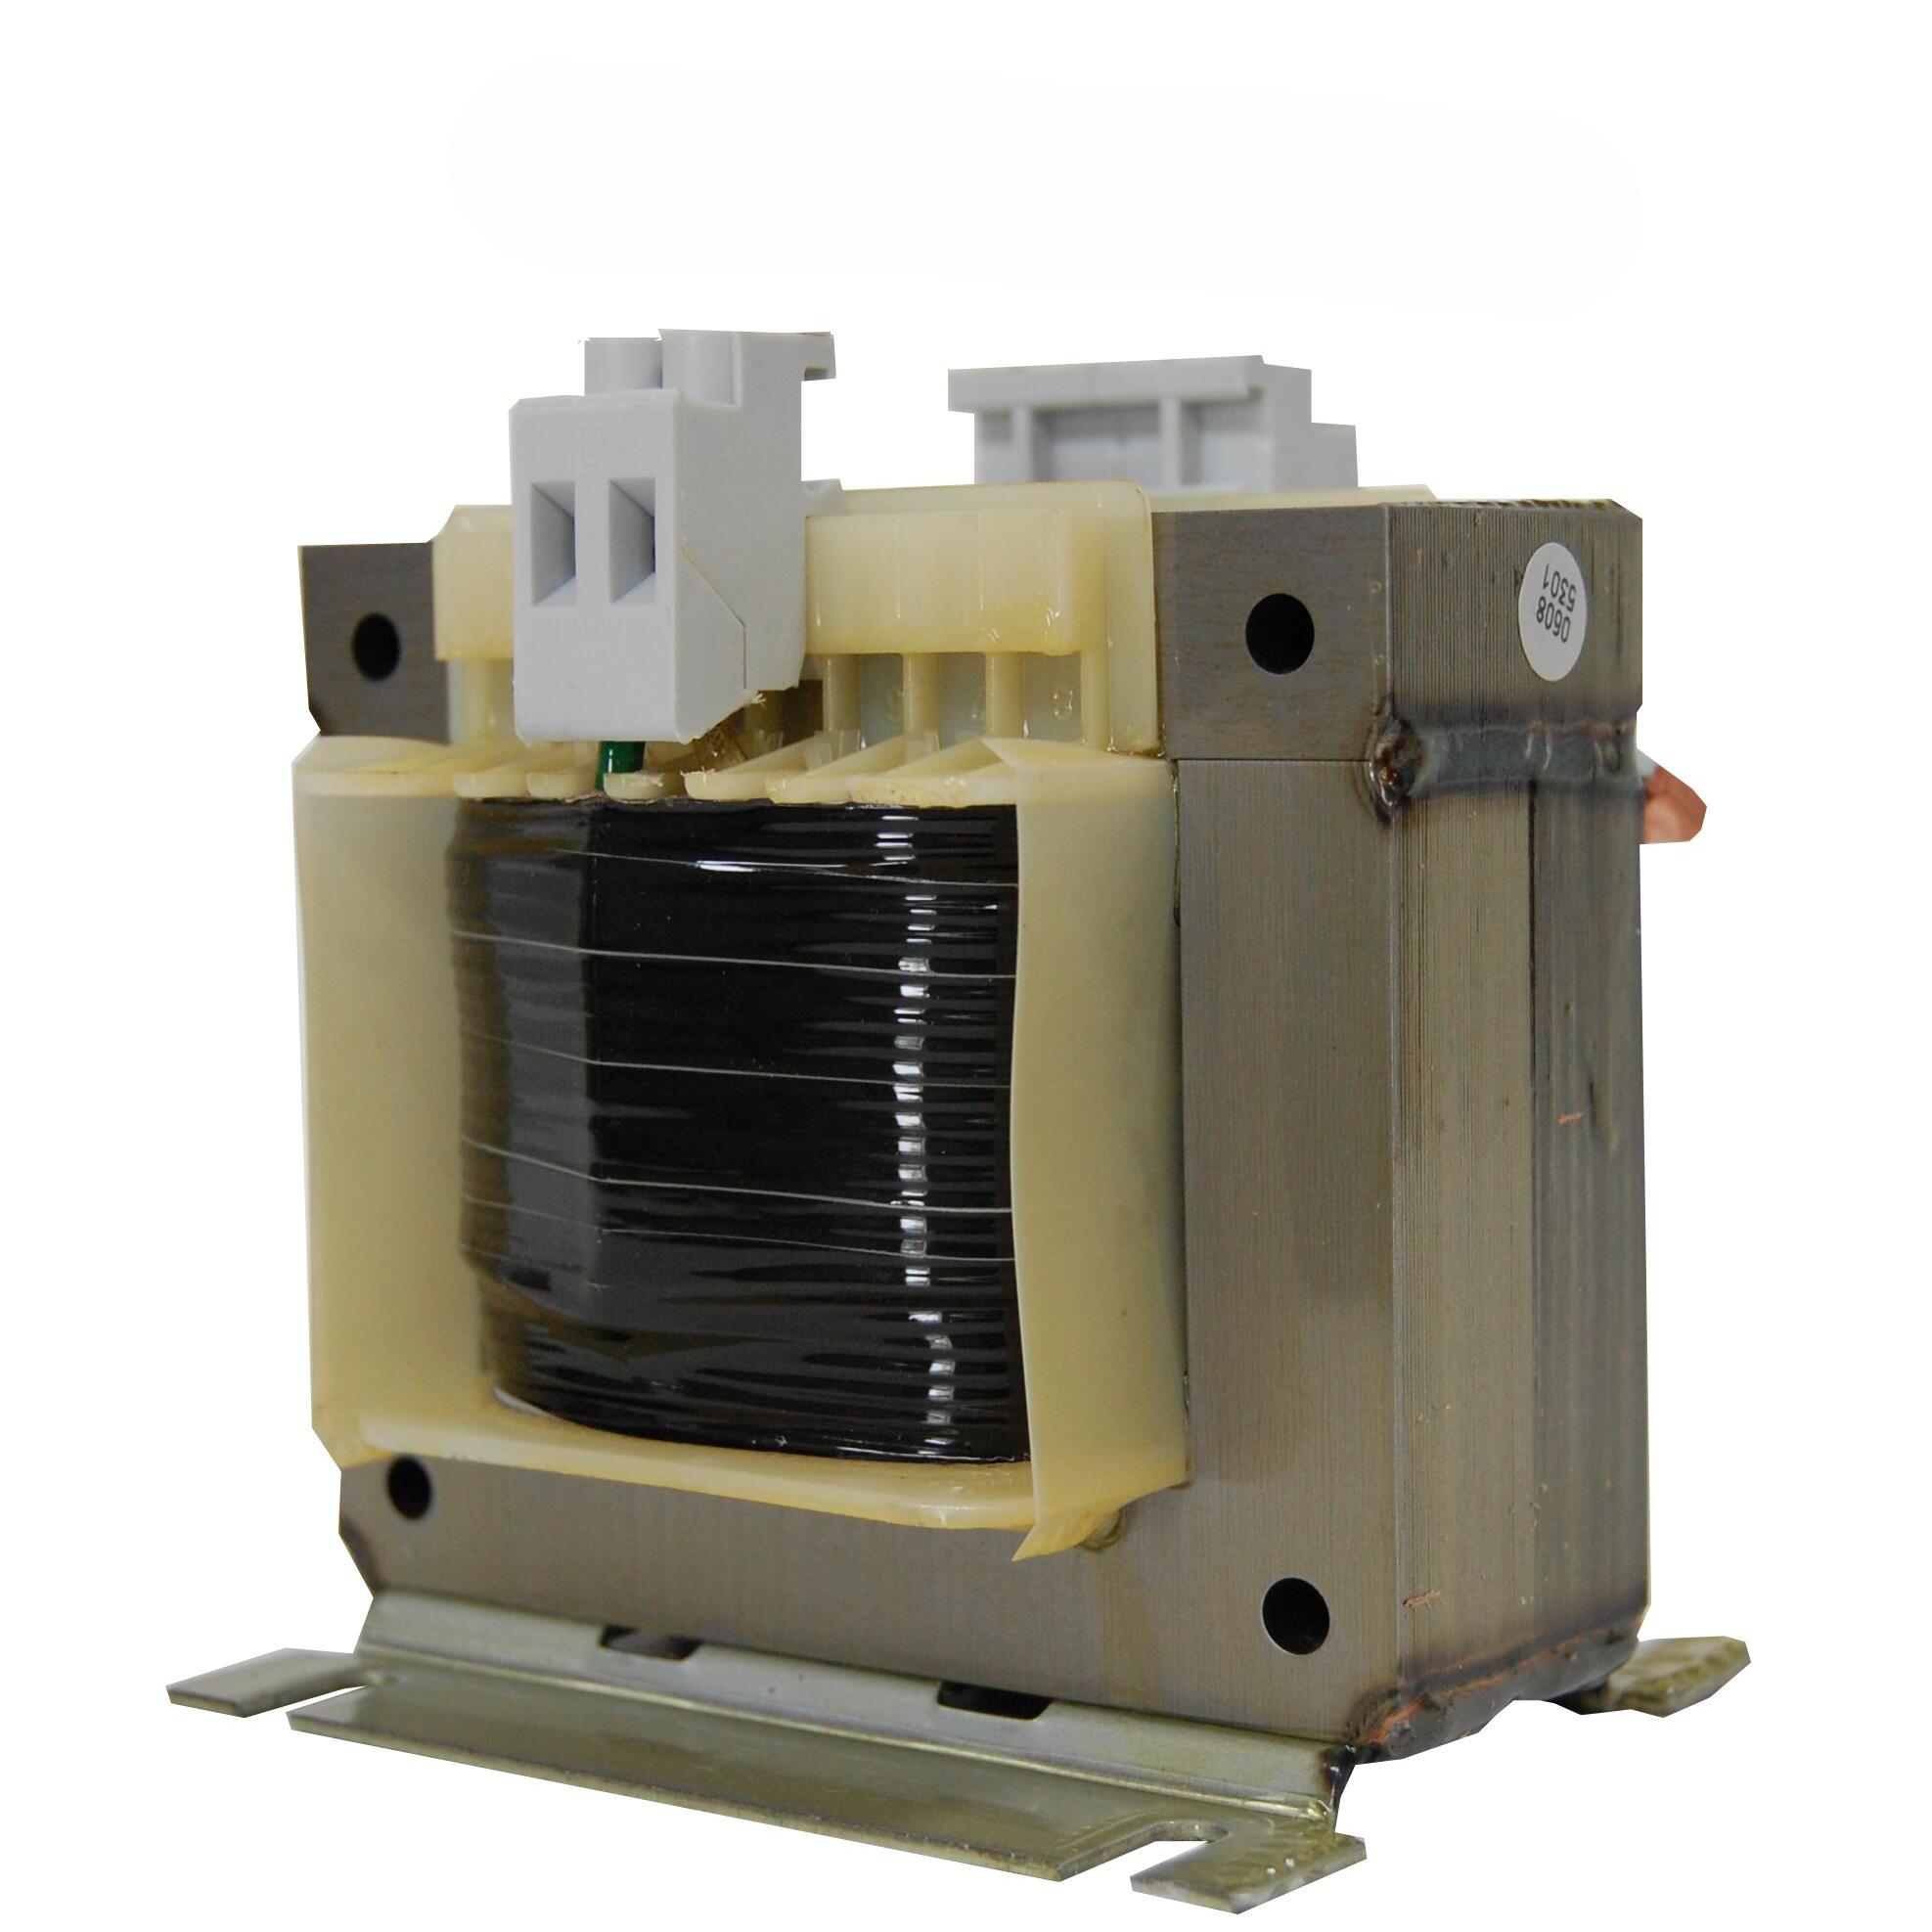 1 Stk Einphasen Steuertransformator 400/230V, 320VA, IP00 LP604032T-